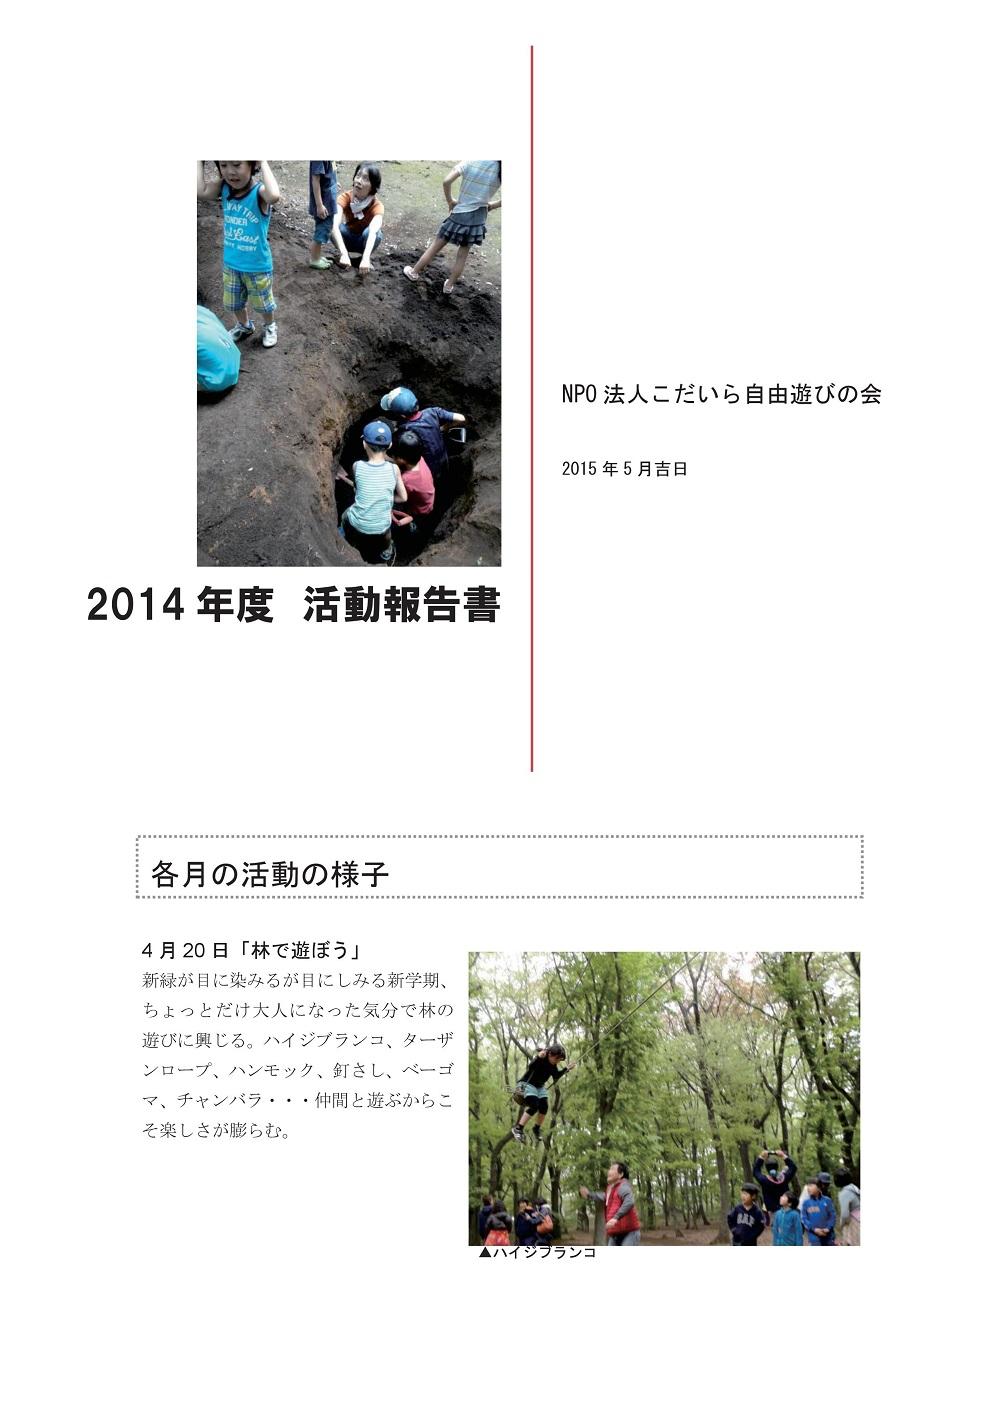 2014年度 活動報告書 こだいら自由遊びの会2-001.jpg